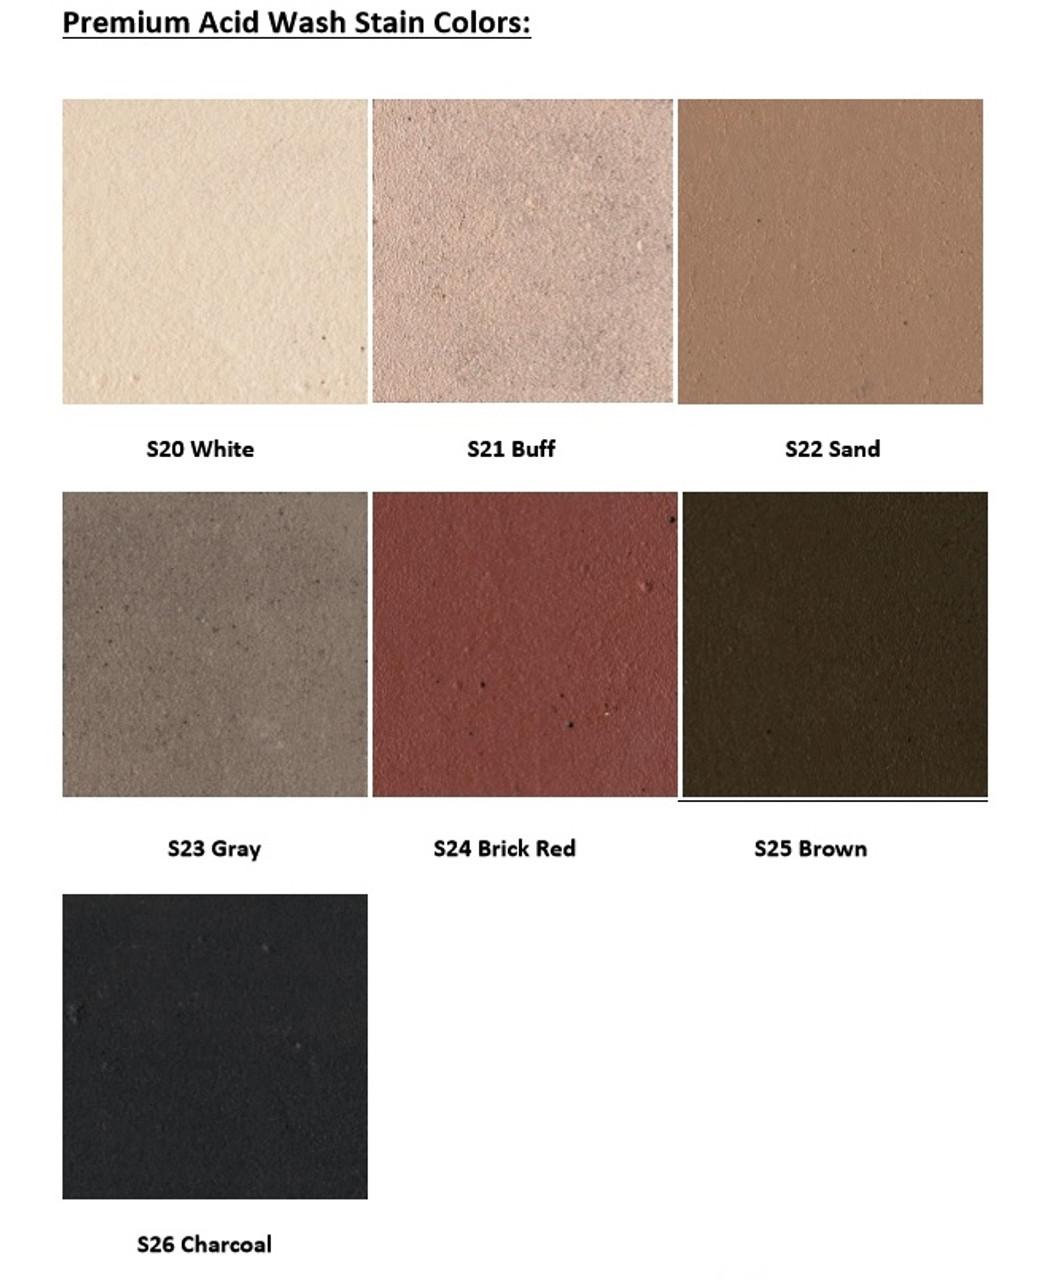 Premium Acid Wash Stain Colors